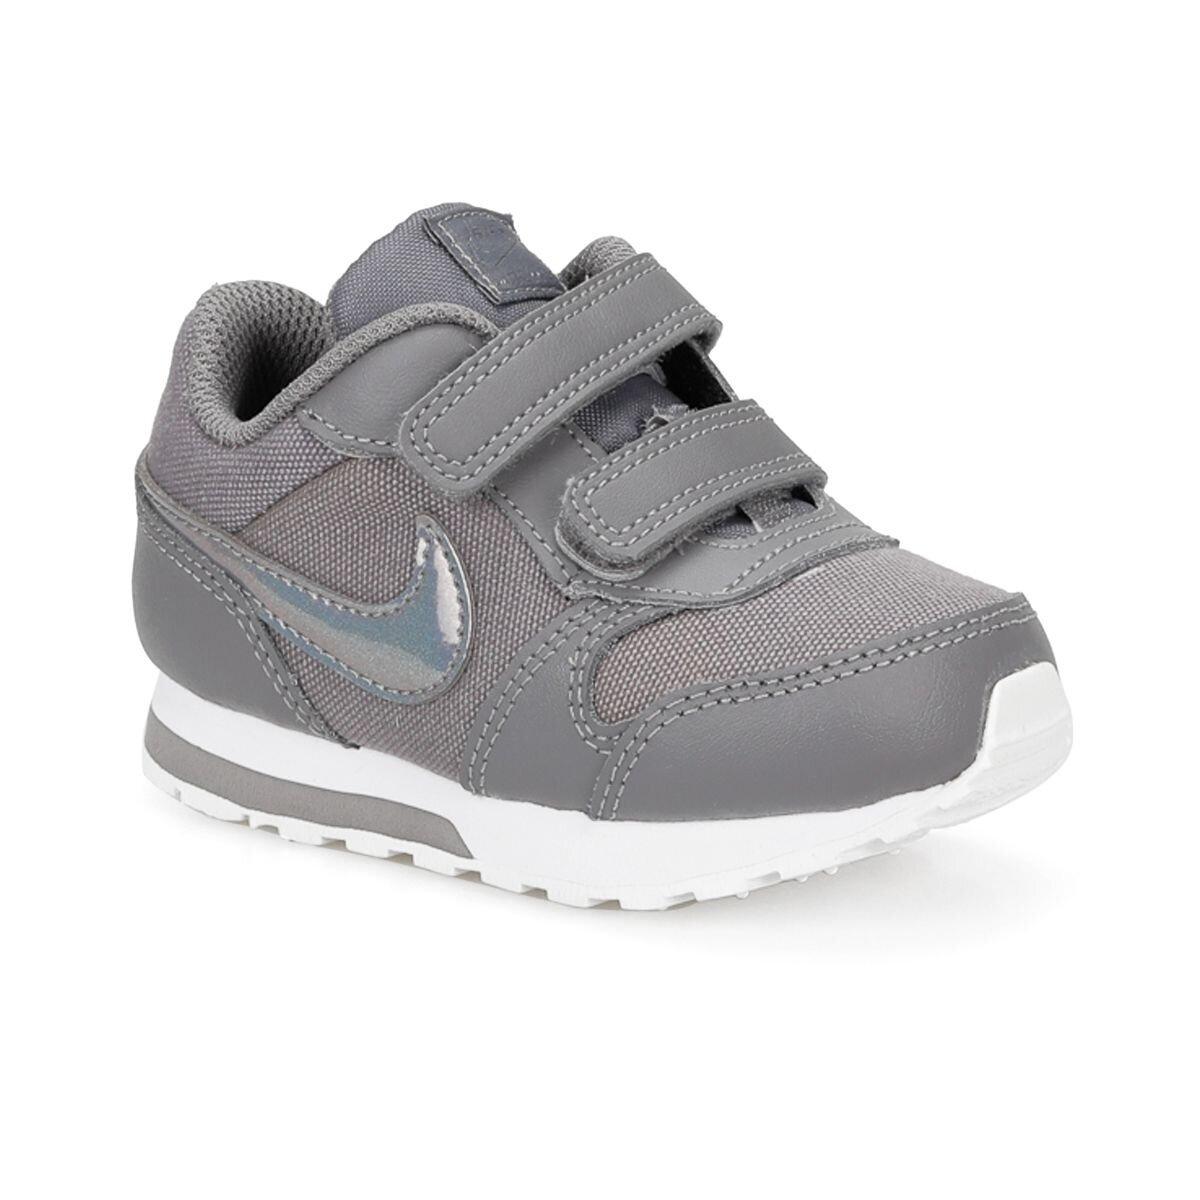 GRI Kız Çocuk Sneaker Ayakkabı MD RUNNER 2 (TDV)